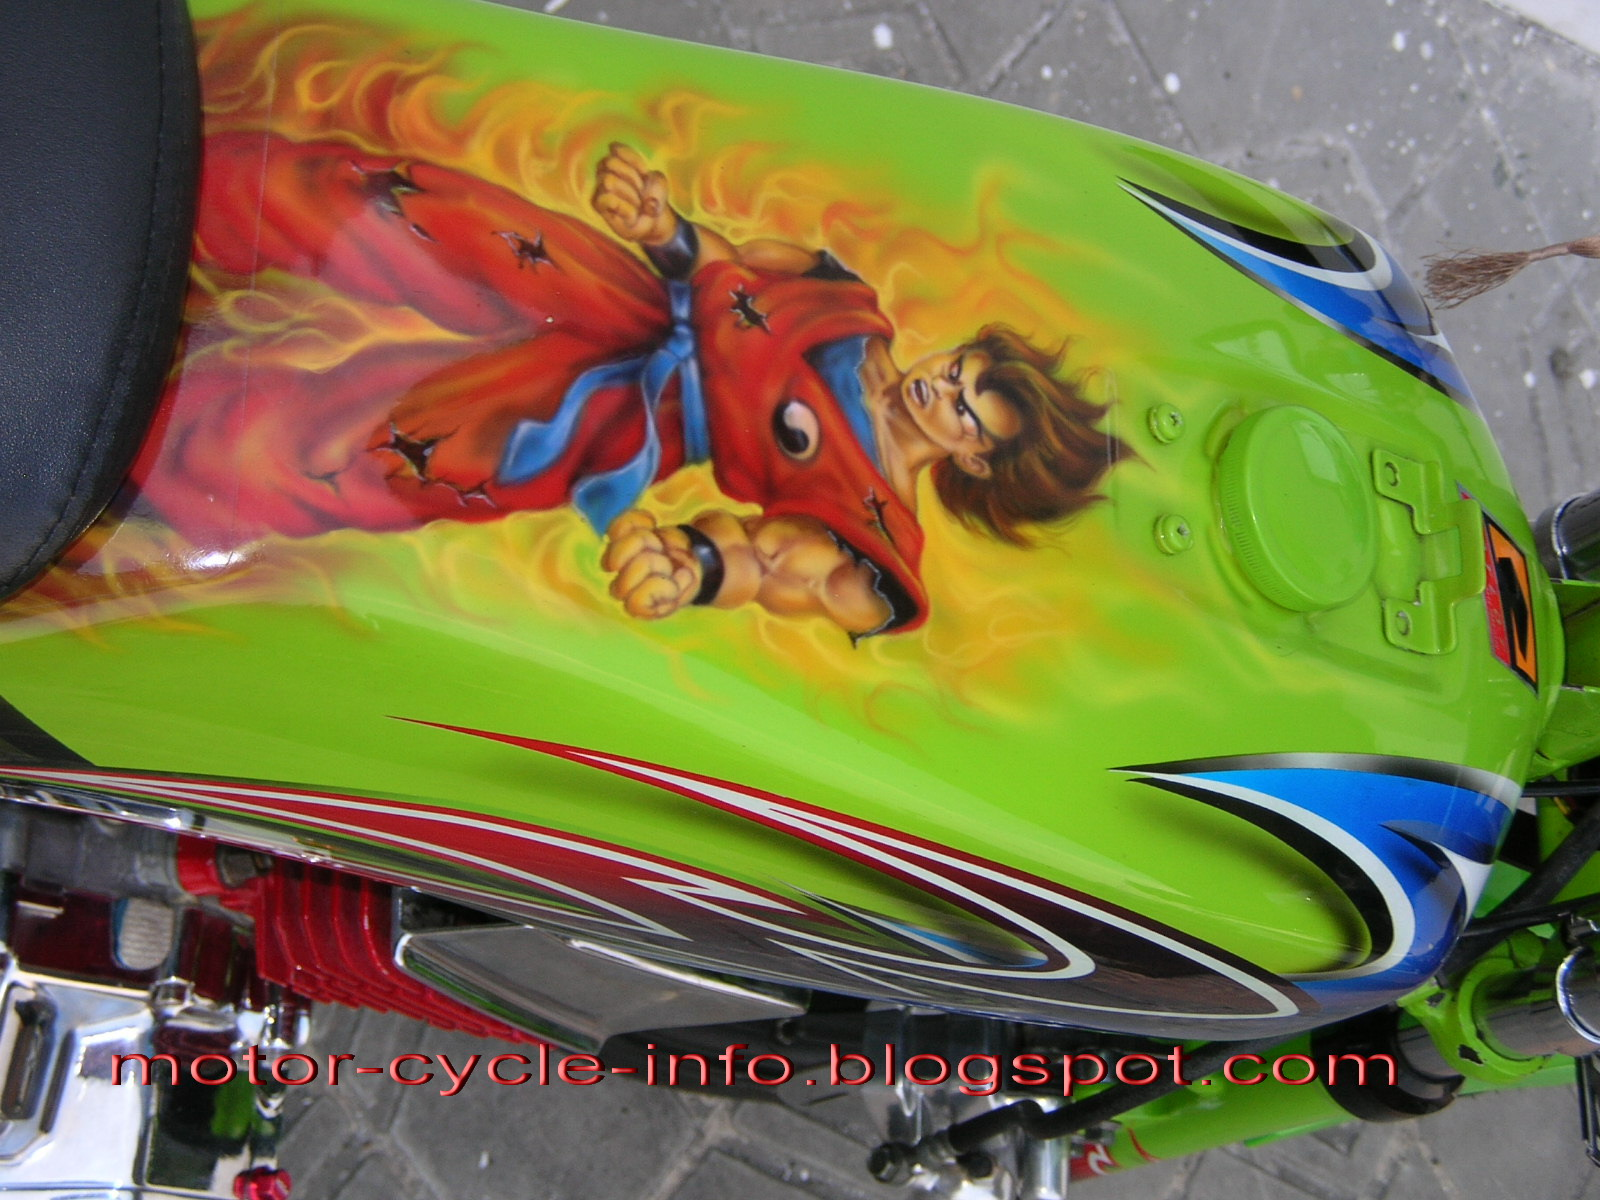 http://1.bp.blogspot.com/_mwzxyywxcGA/TFyRID0yMHI/AAAAAAAAA2c/okWyTZm-txM/s1600/airbrush+tangki+rx+king+modif.jpg